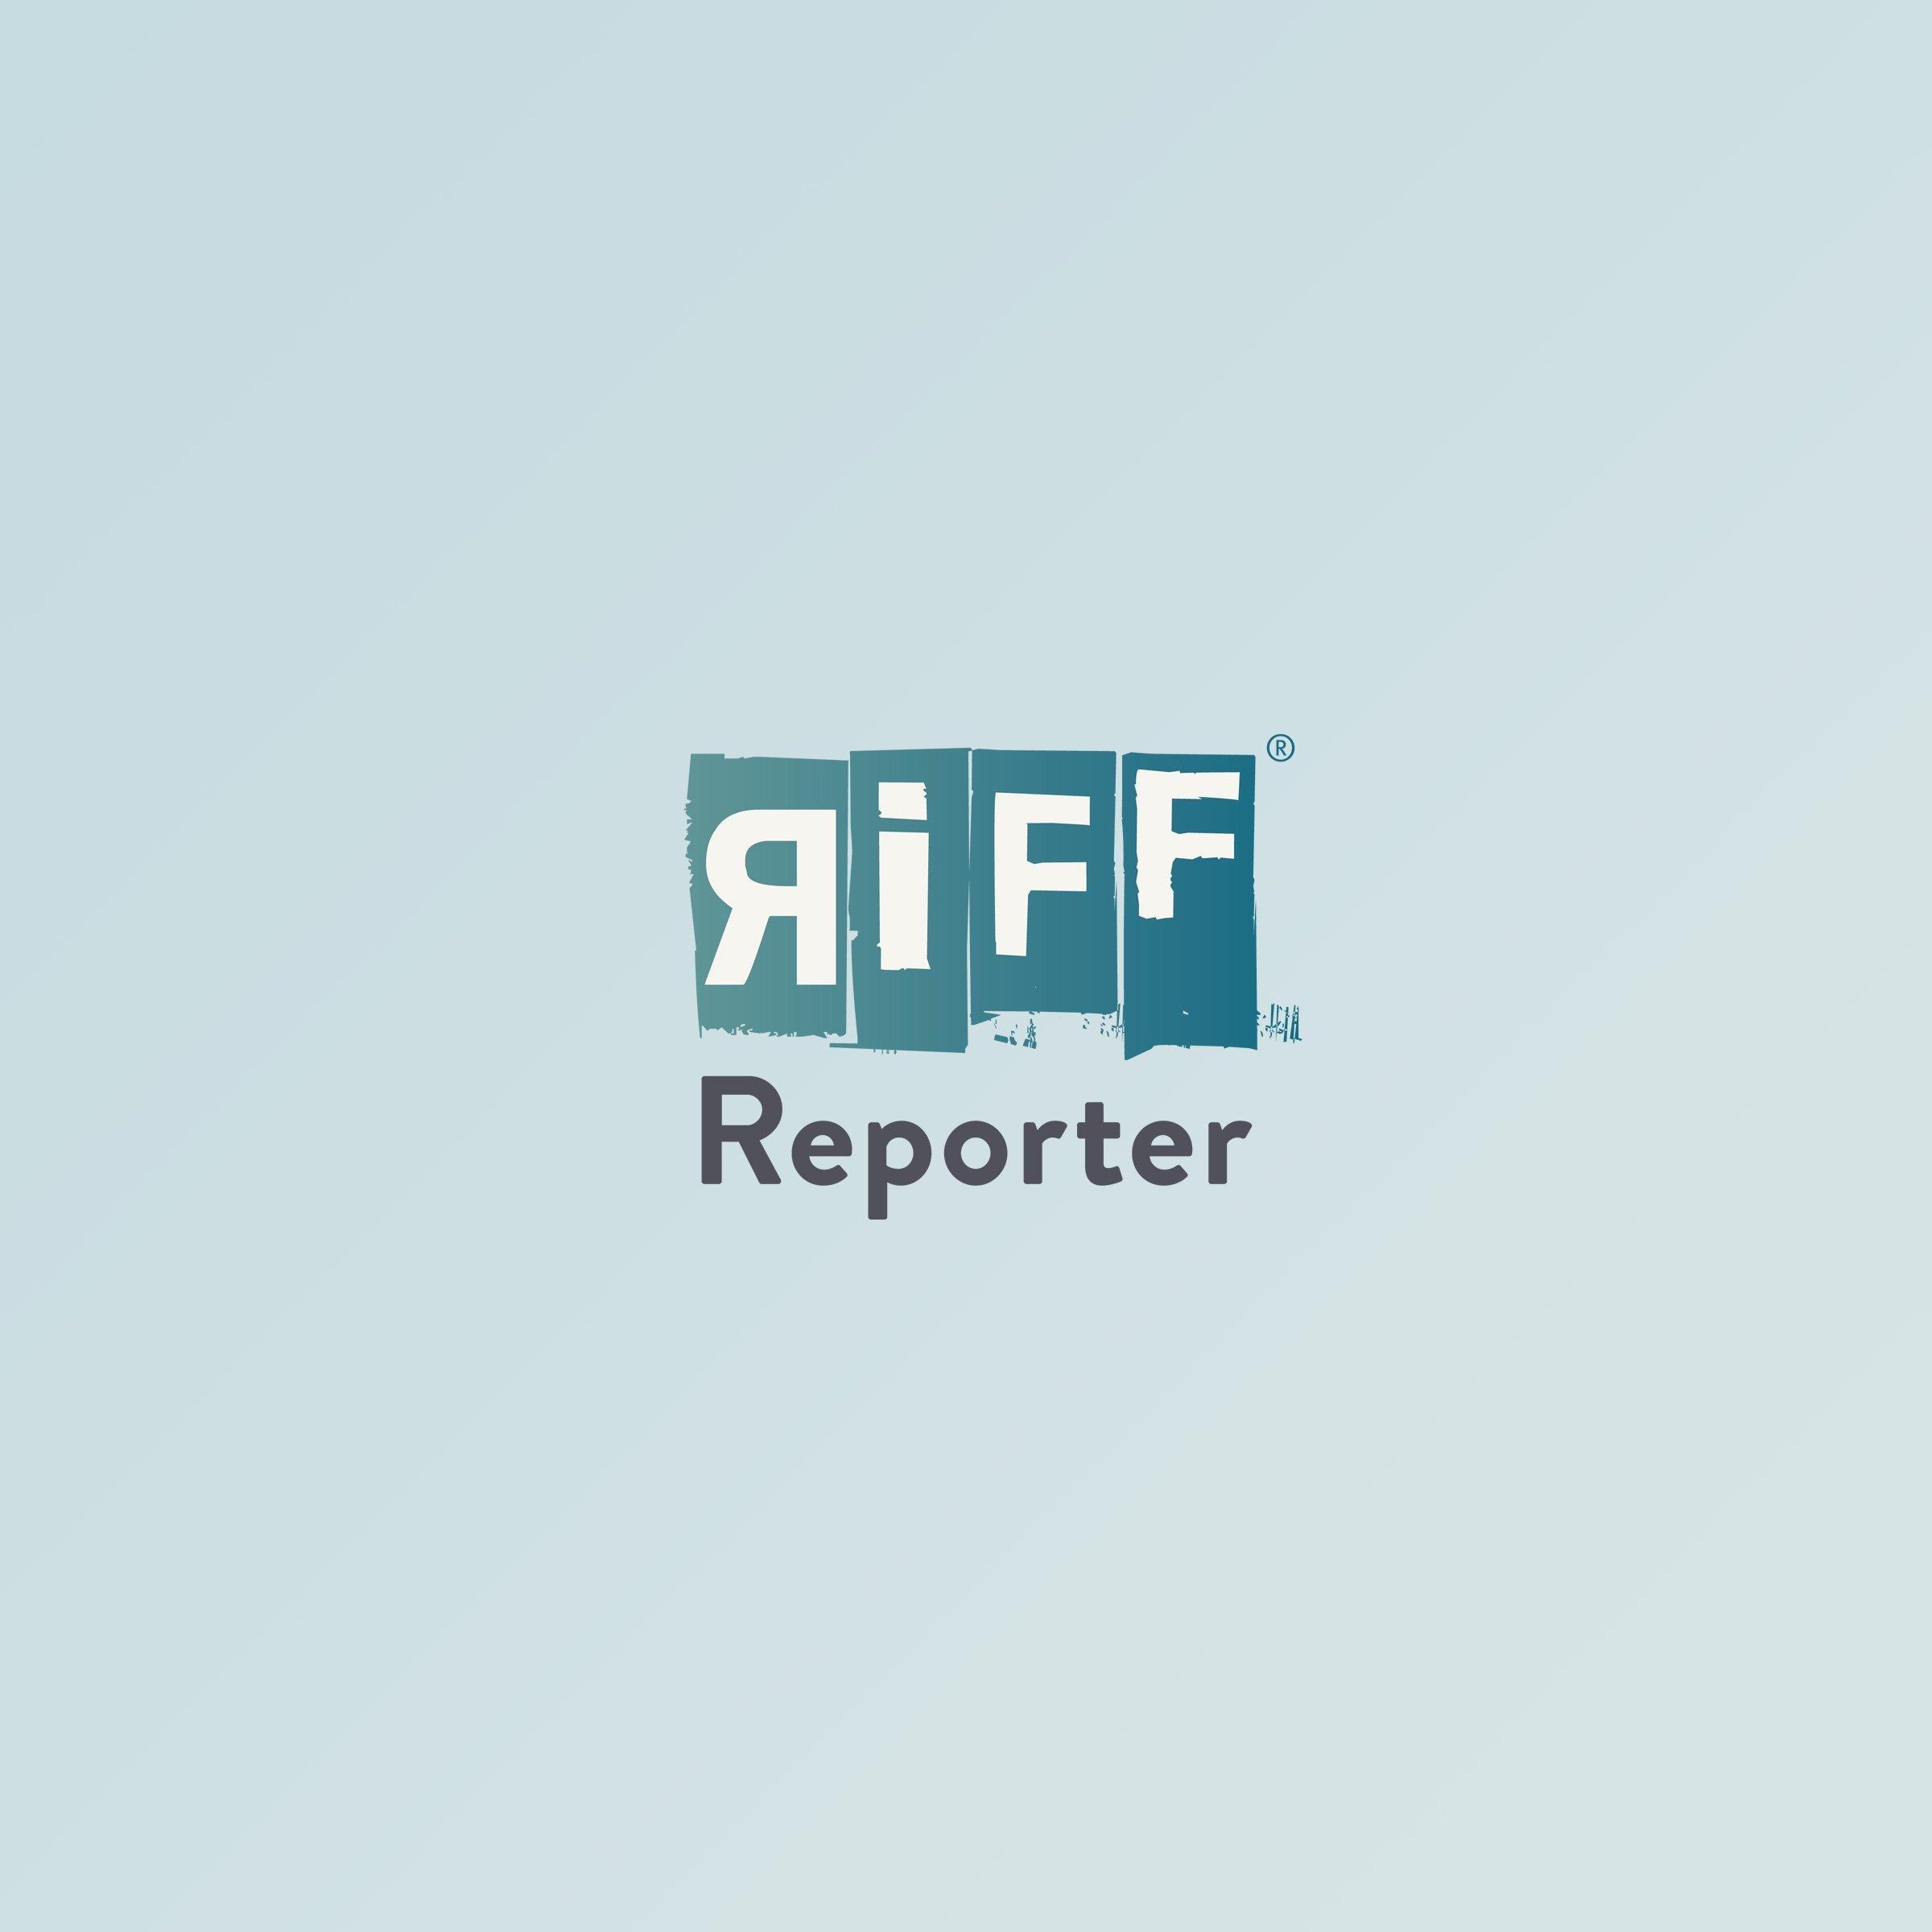 Eine Straße in der Wüste, die zu einer weit entfernten Felsformation führt.